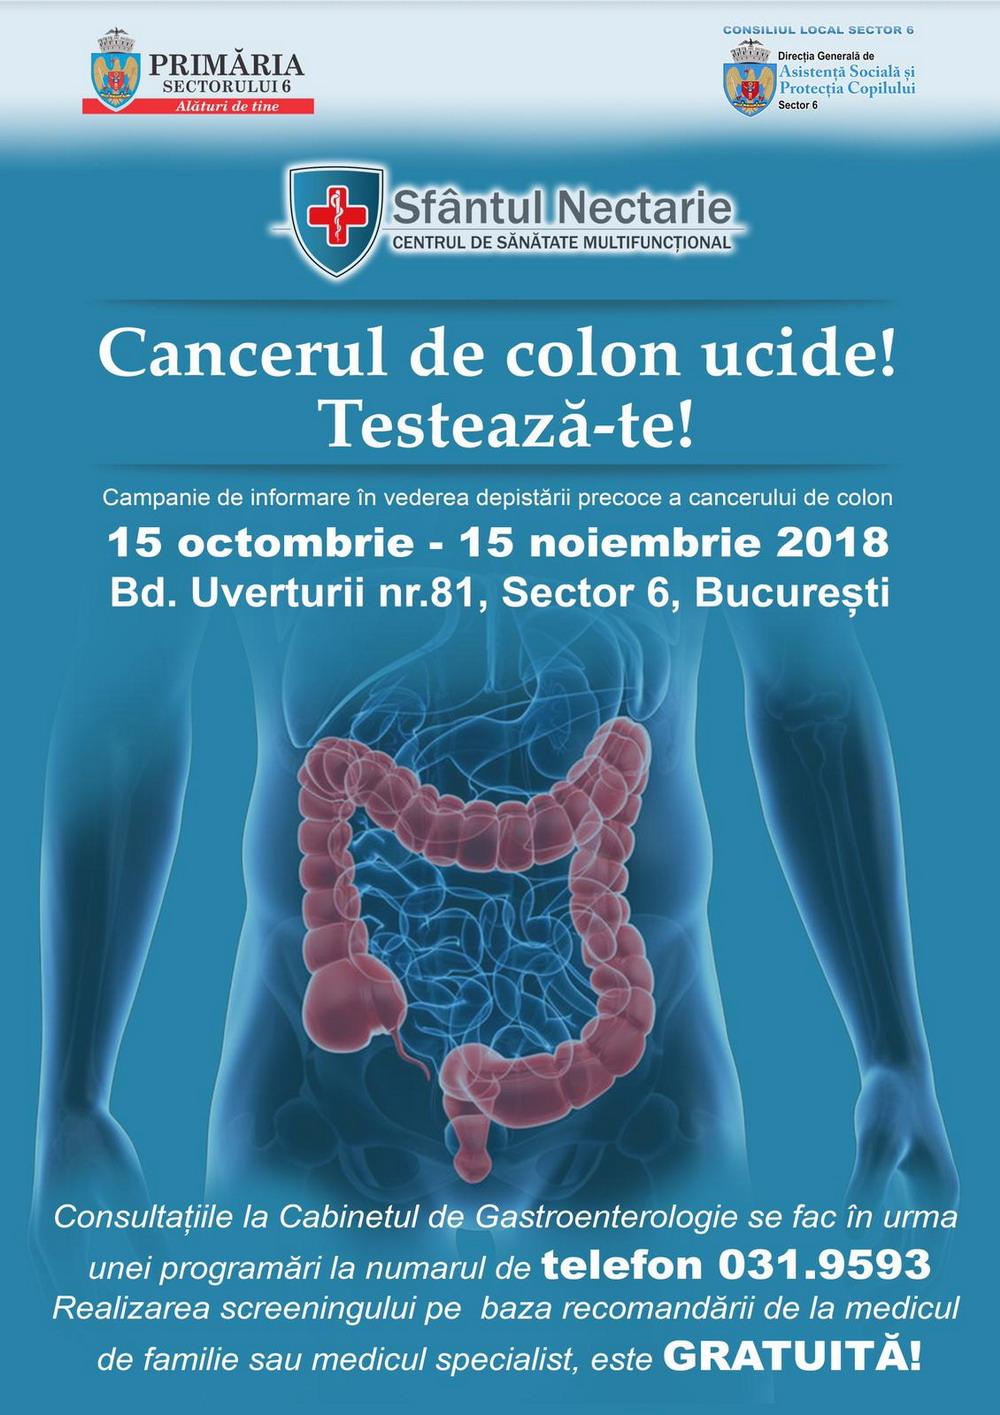 cancer de colon la batrani)